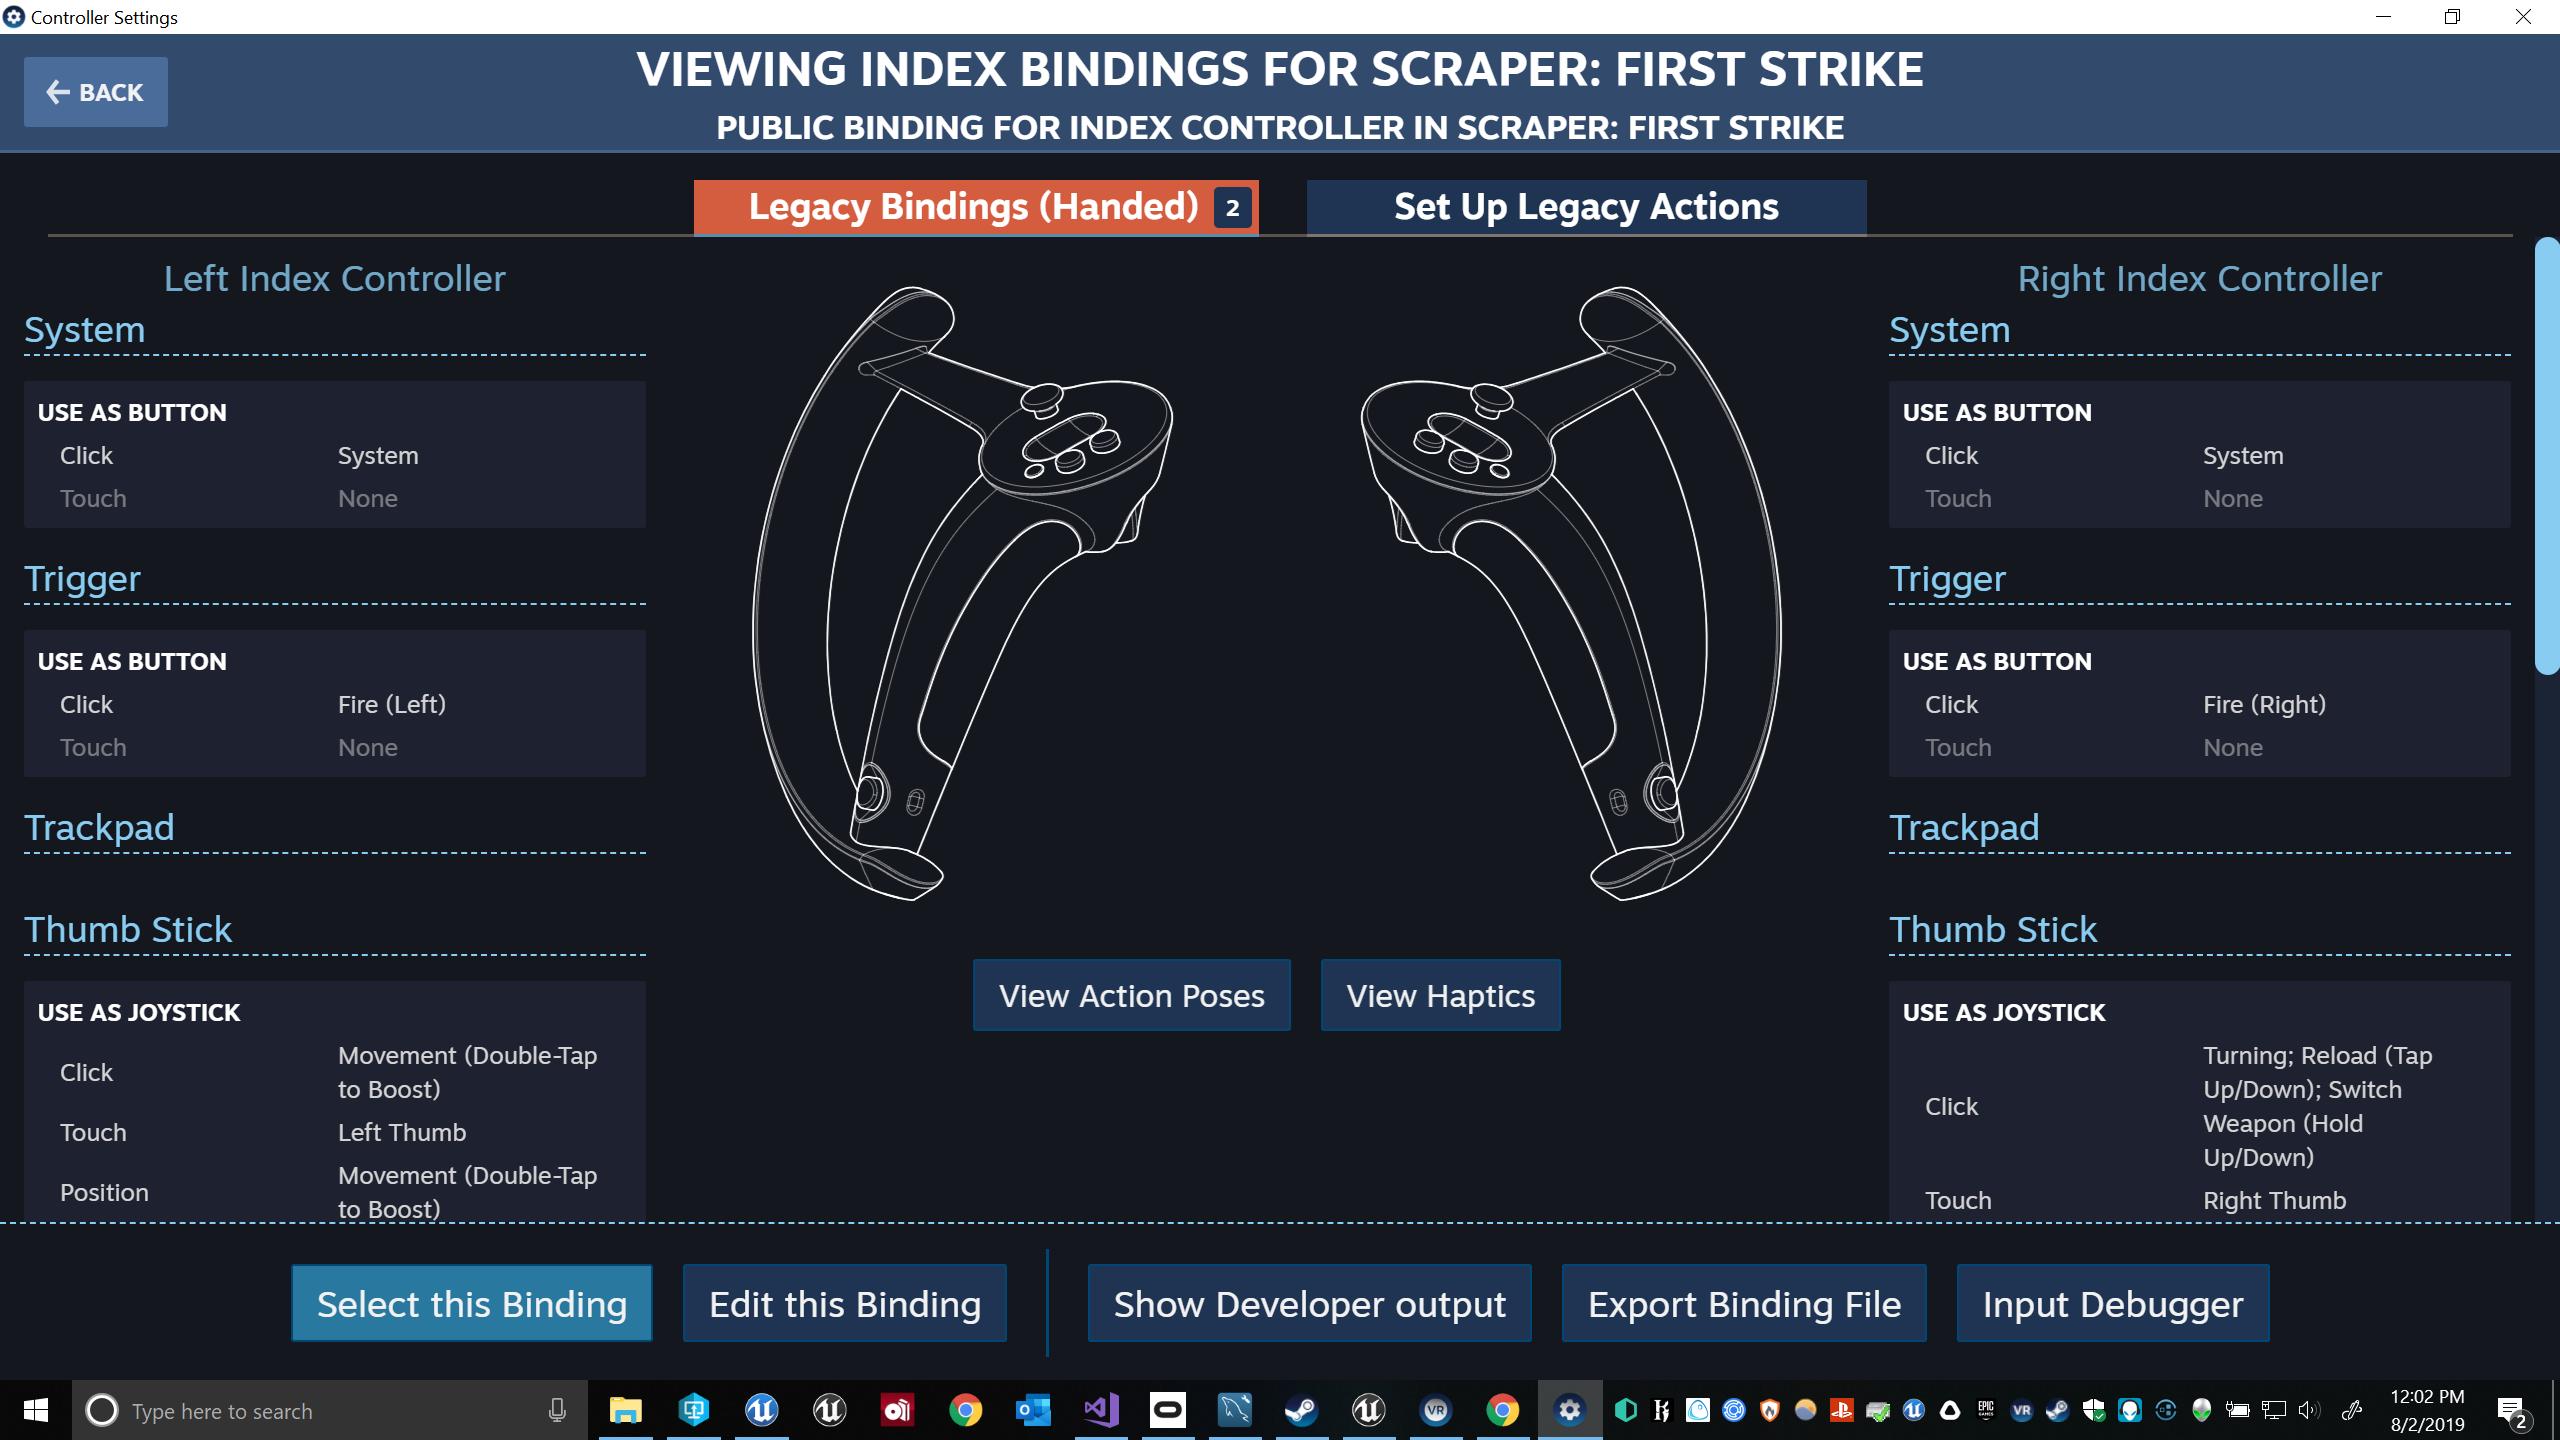 Scraper: First Strike